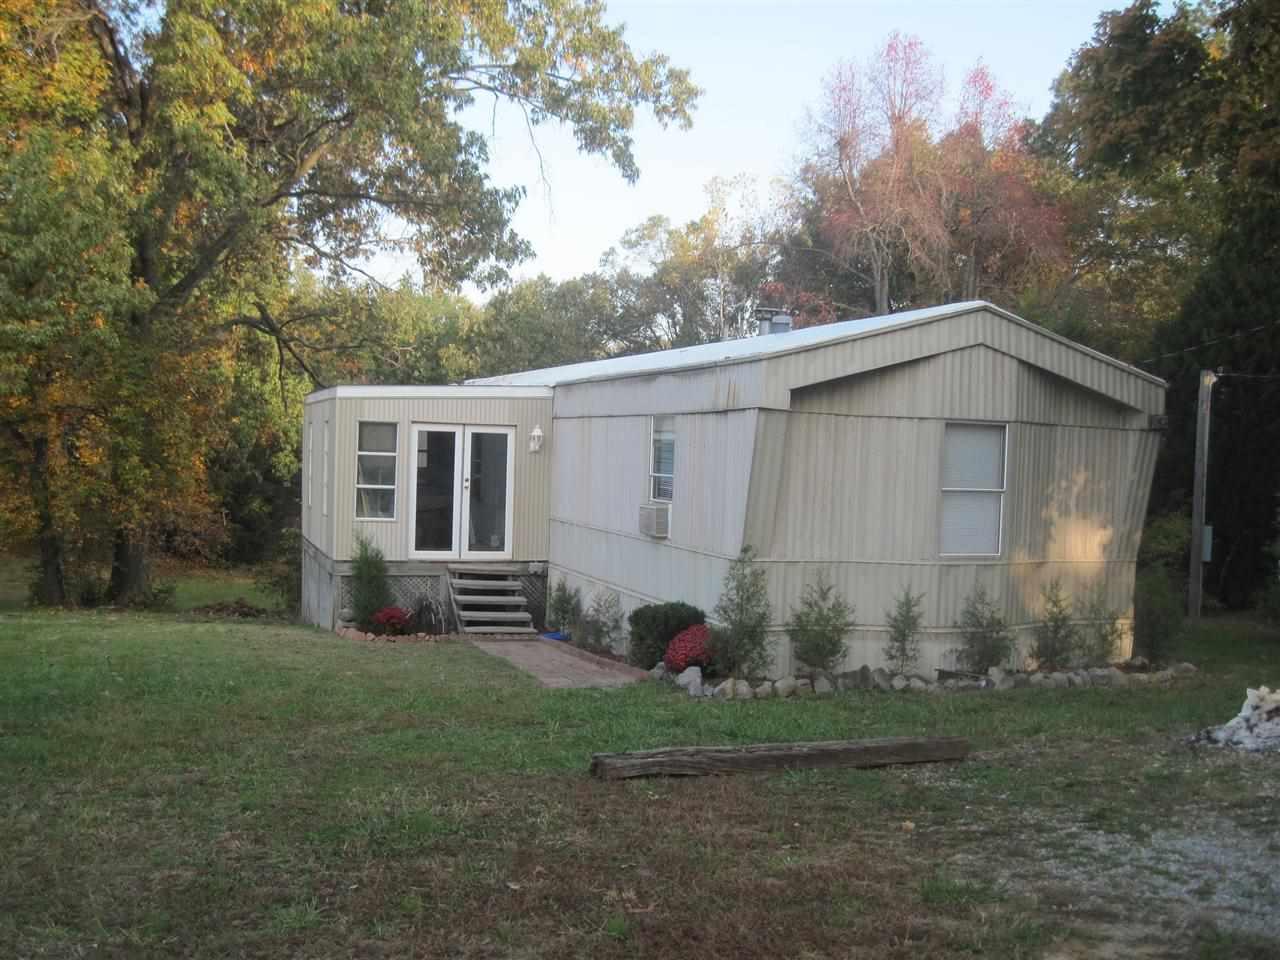 Real Estate for Sale, ListingId: 30342277, Gilbertsville,KY42044